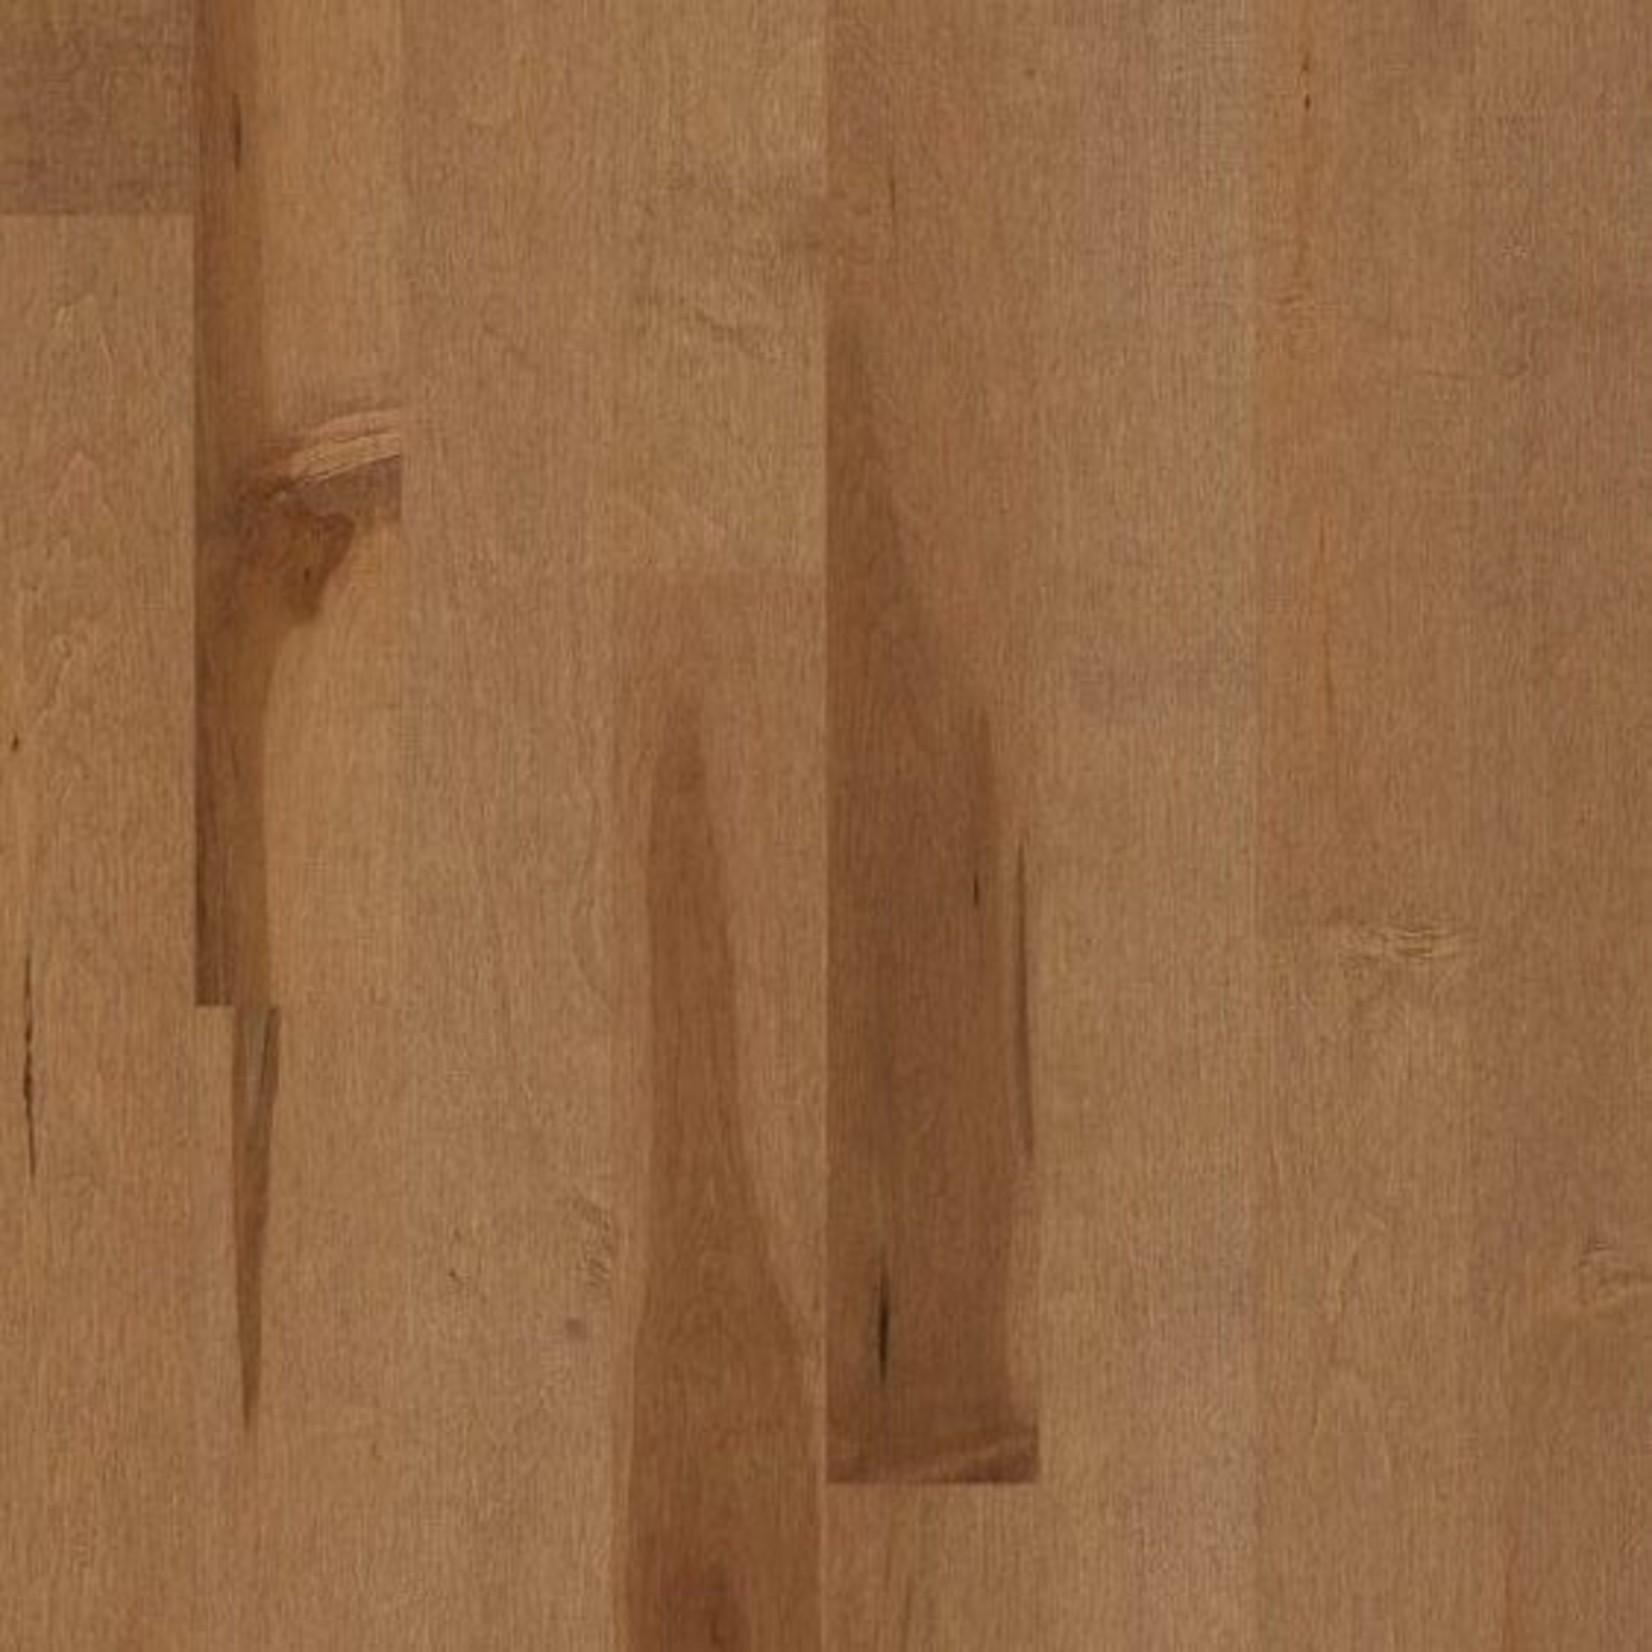 Dubeau Planchers Dubeau - Plancher Érable dur variation verni mat 20%